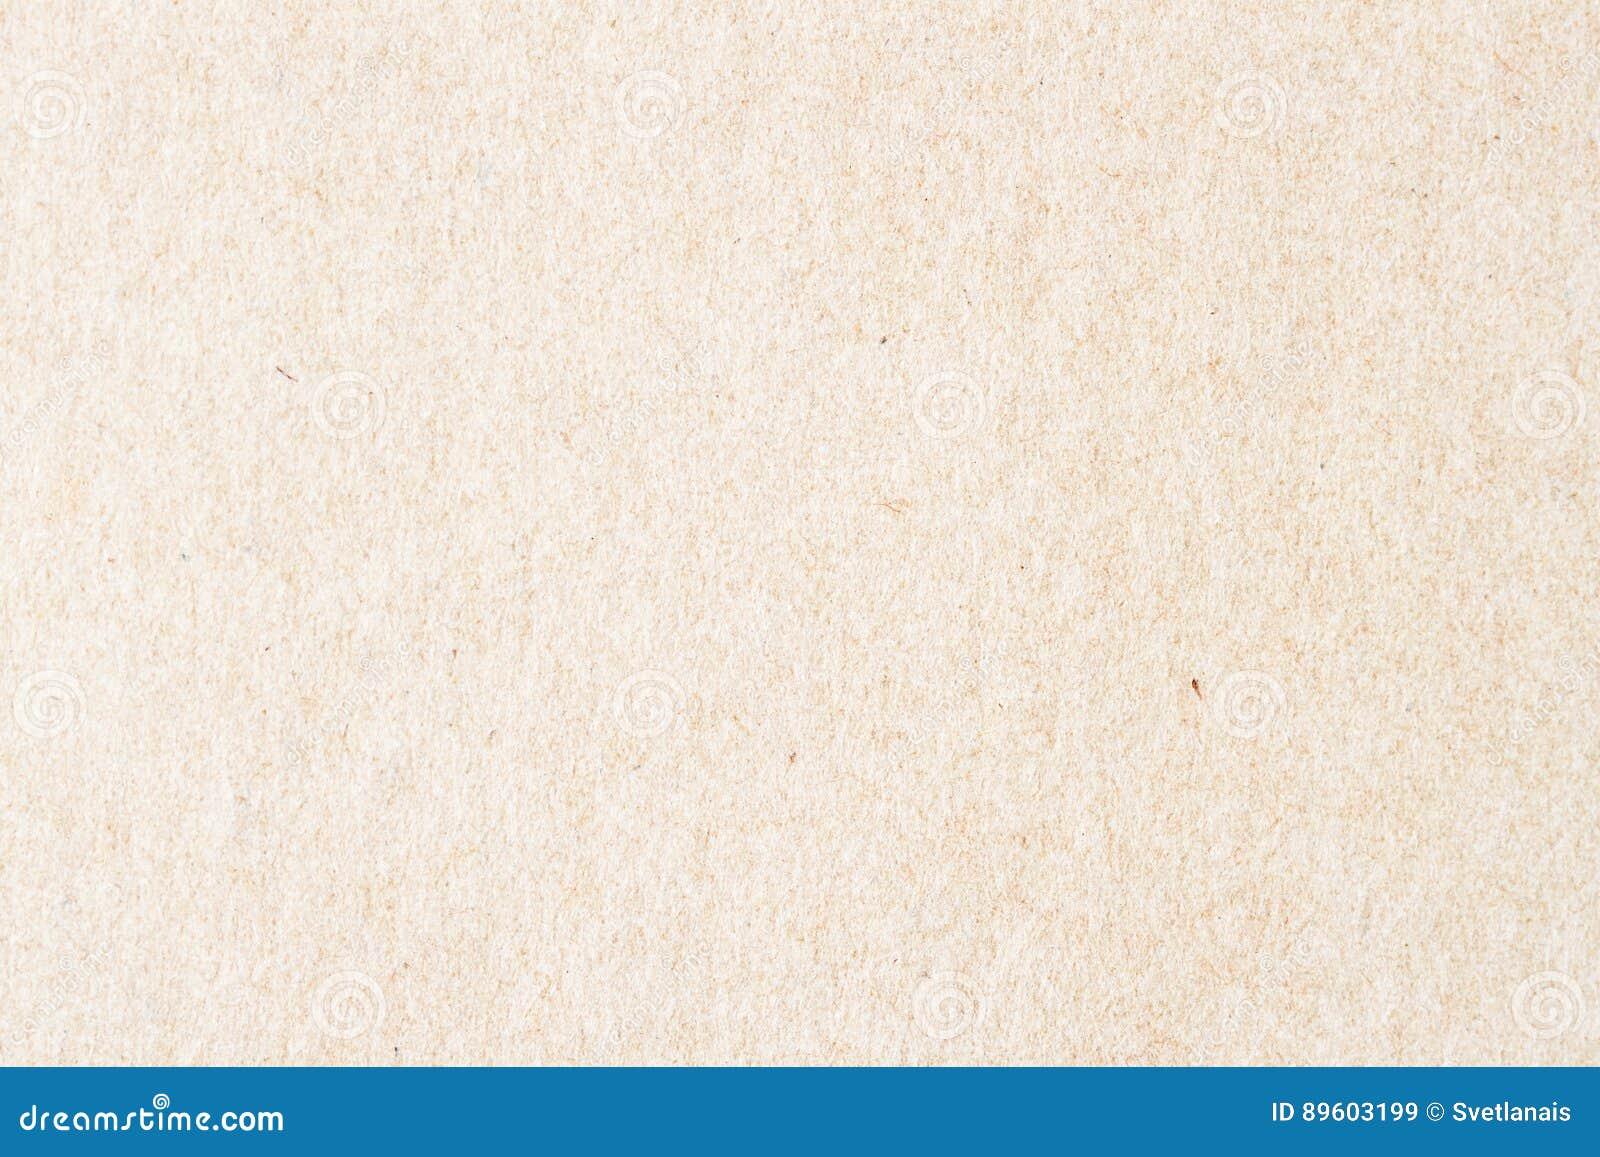 Текстура старой органической бумаги светлой сливк Годный для повторного использования материал с малыми включениями целлюлозы пре